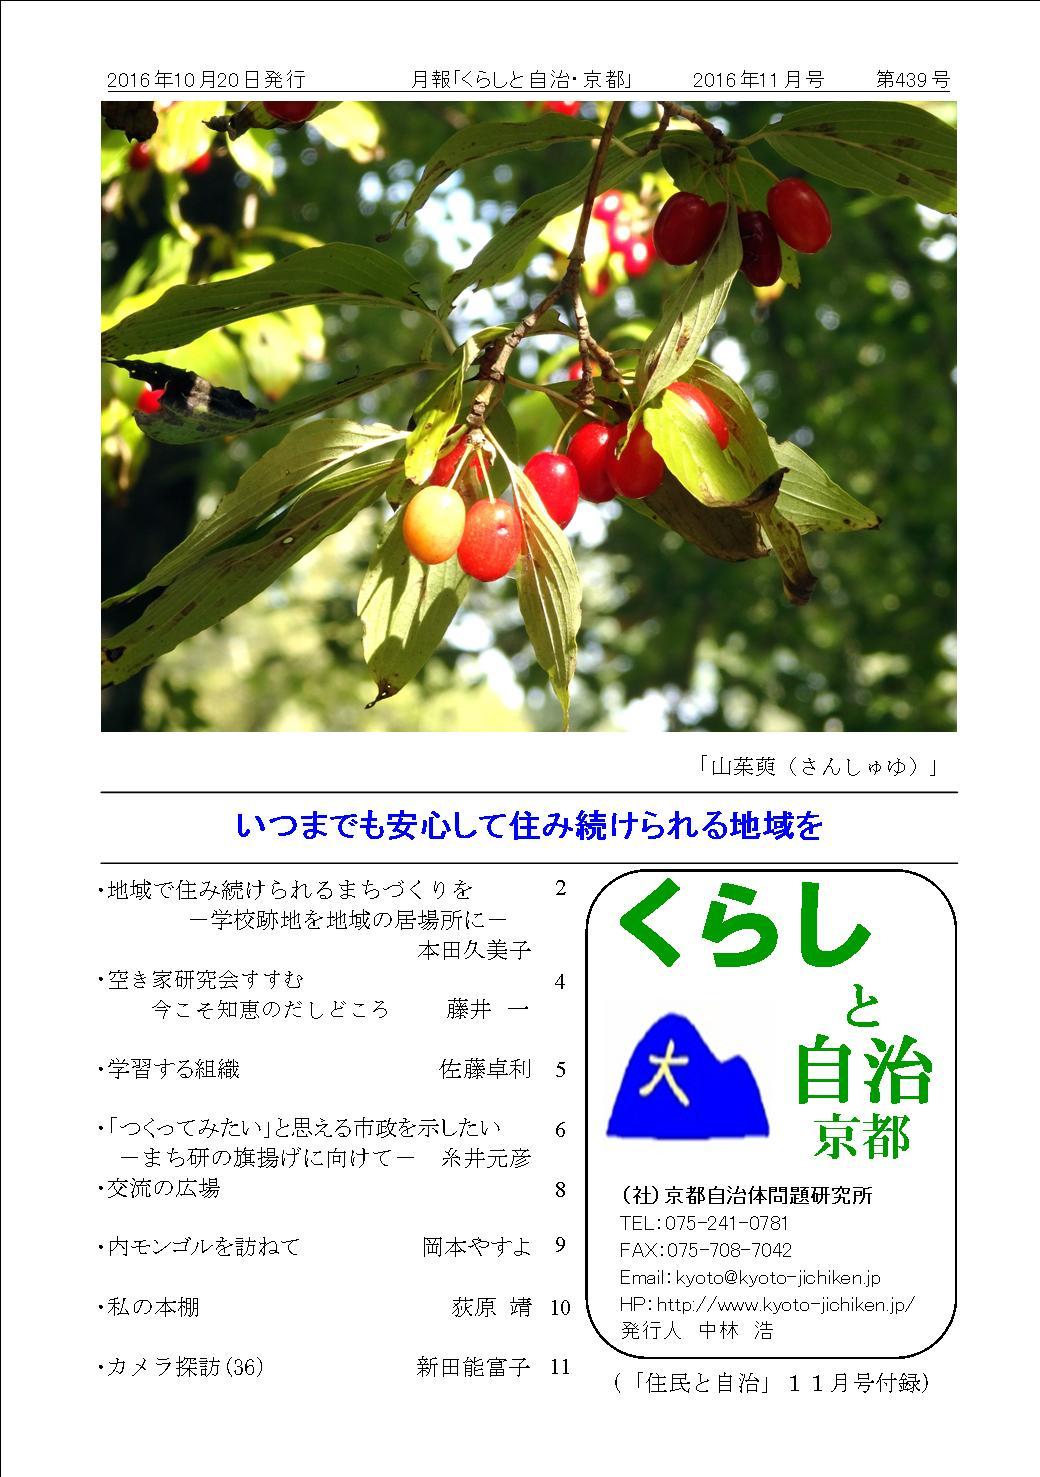 月報「くらしと自治・京都」2015年11月号 第439号